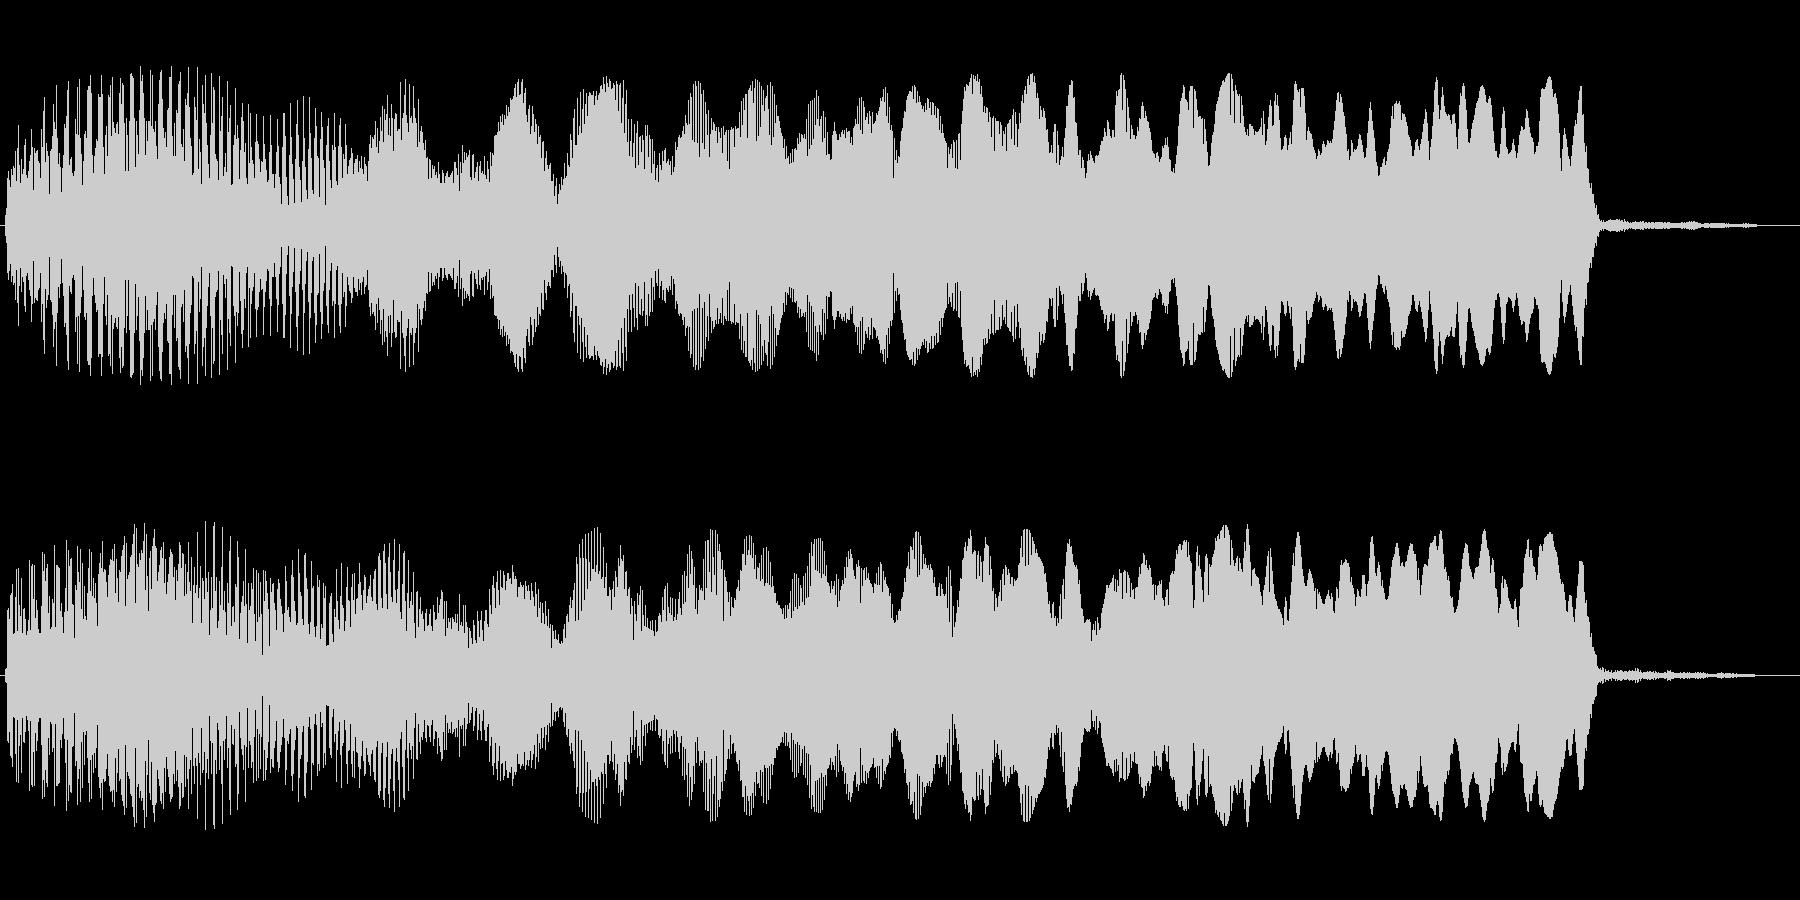 キュワーン(アップ系)の未再生の波形